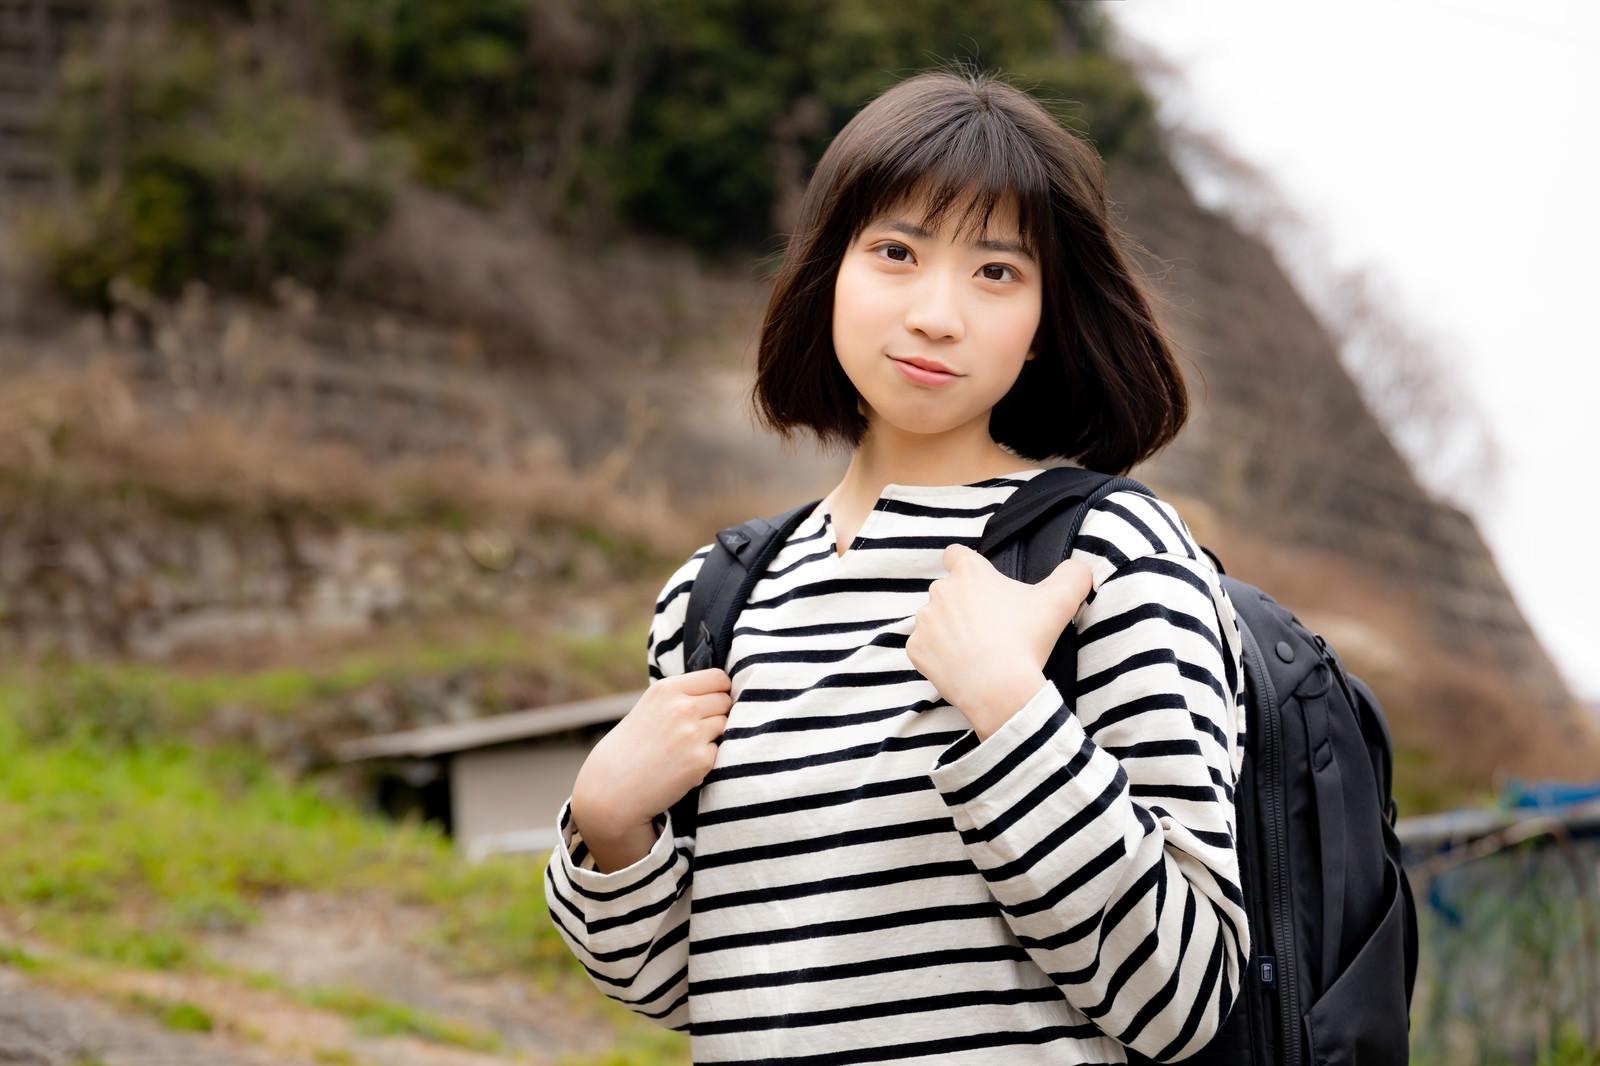 「探しものの旅に出る女性」の写真[モデル:塩田みう]